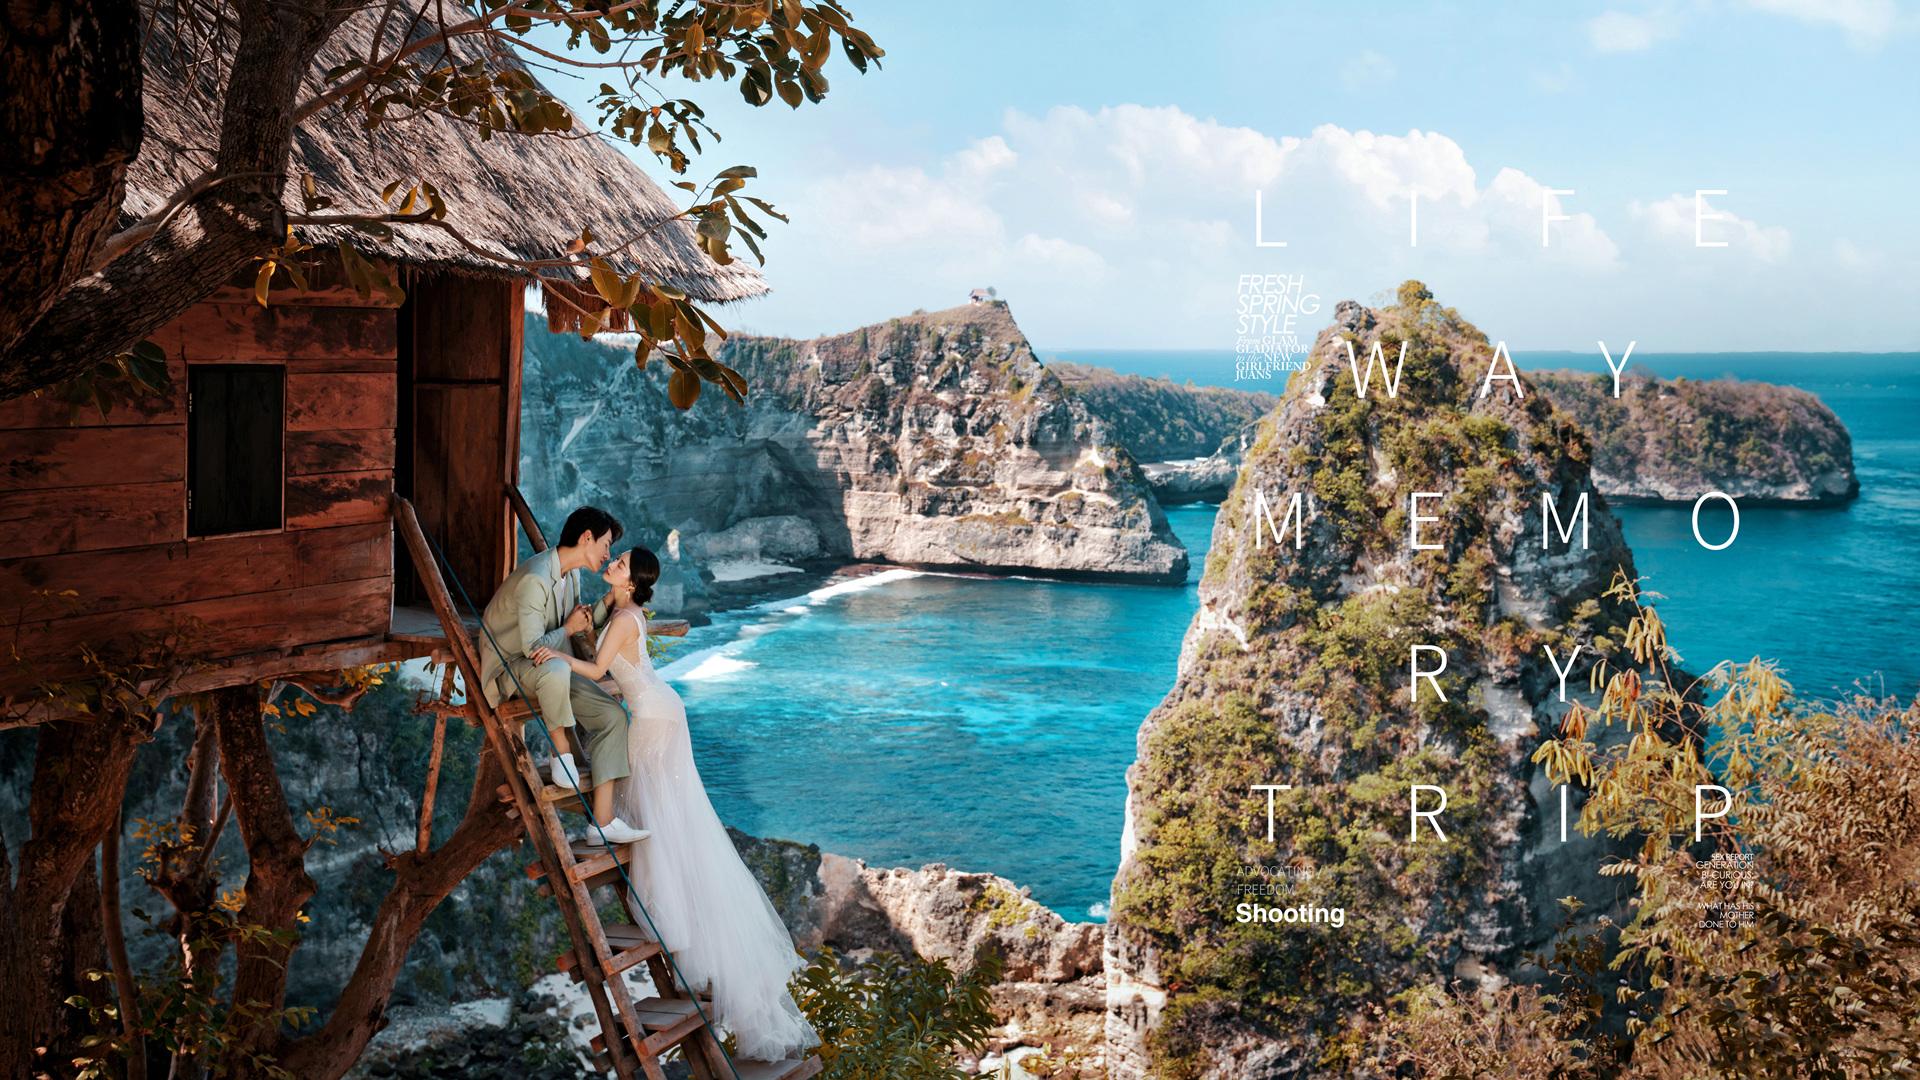 10月份厦门拍婚纱照需要如何准备?厦门什么季节拍照比较好?